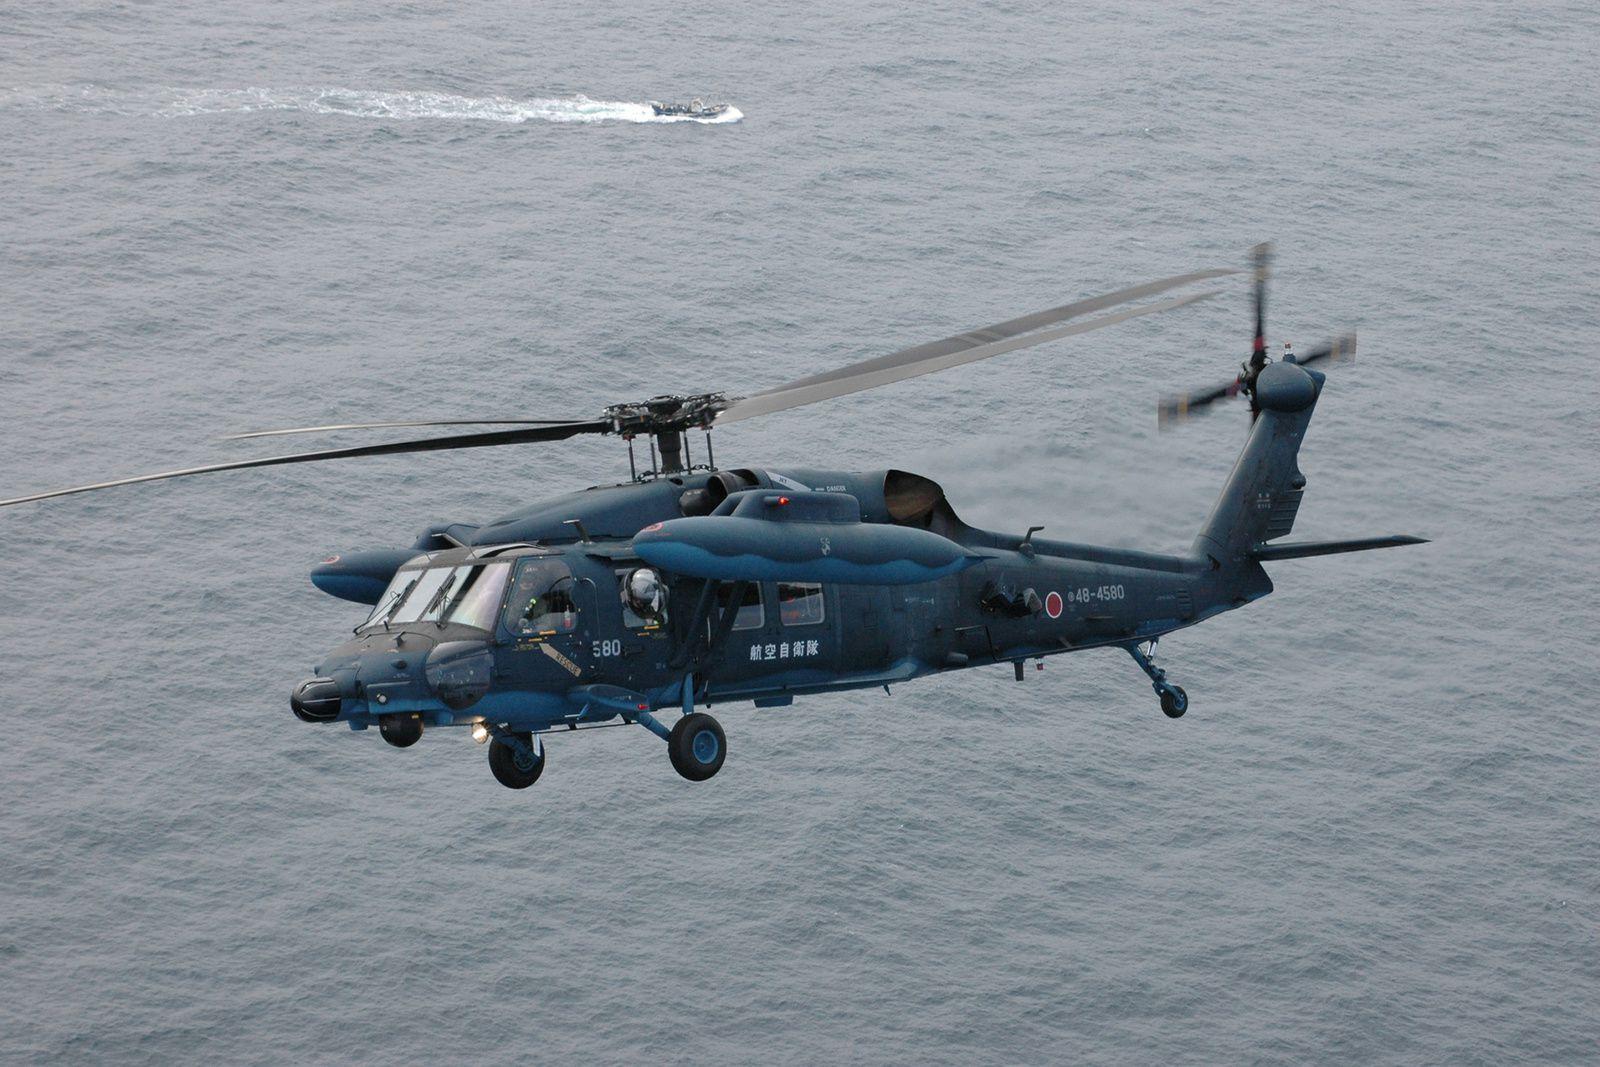 Un hélicoptère UH-60J japonais s'est abîmé au large des côtes du Japon